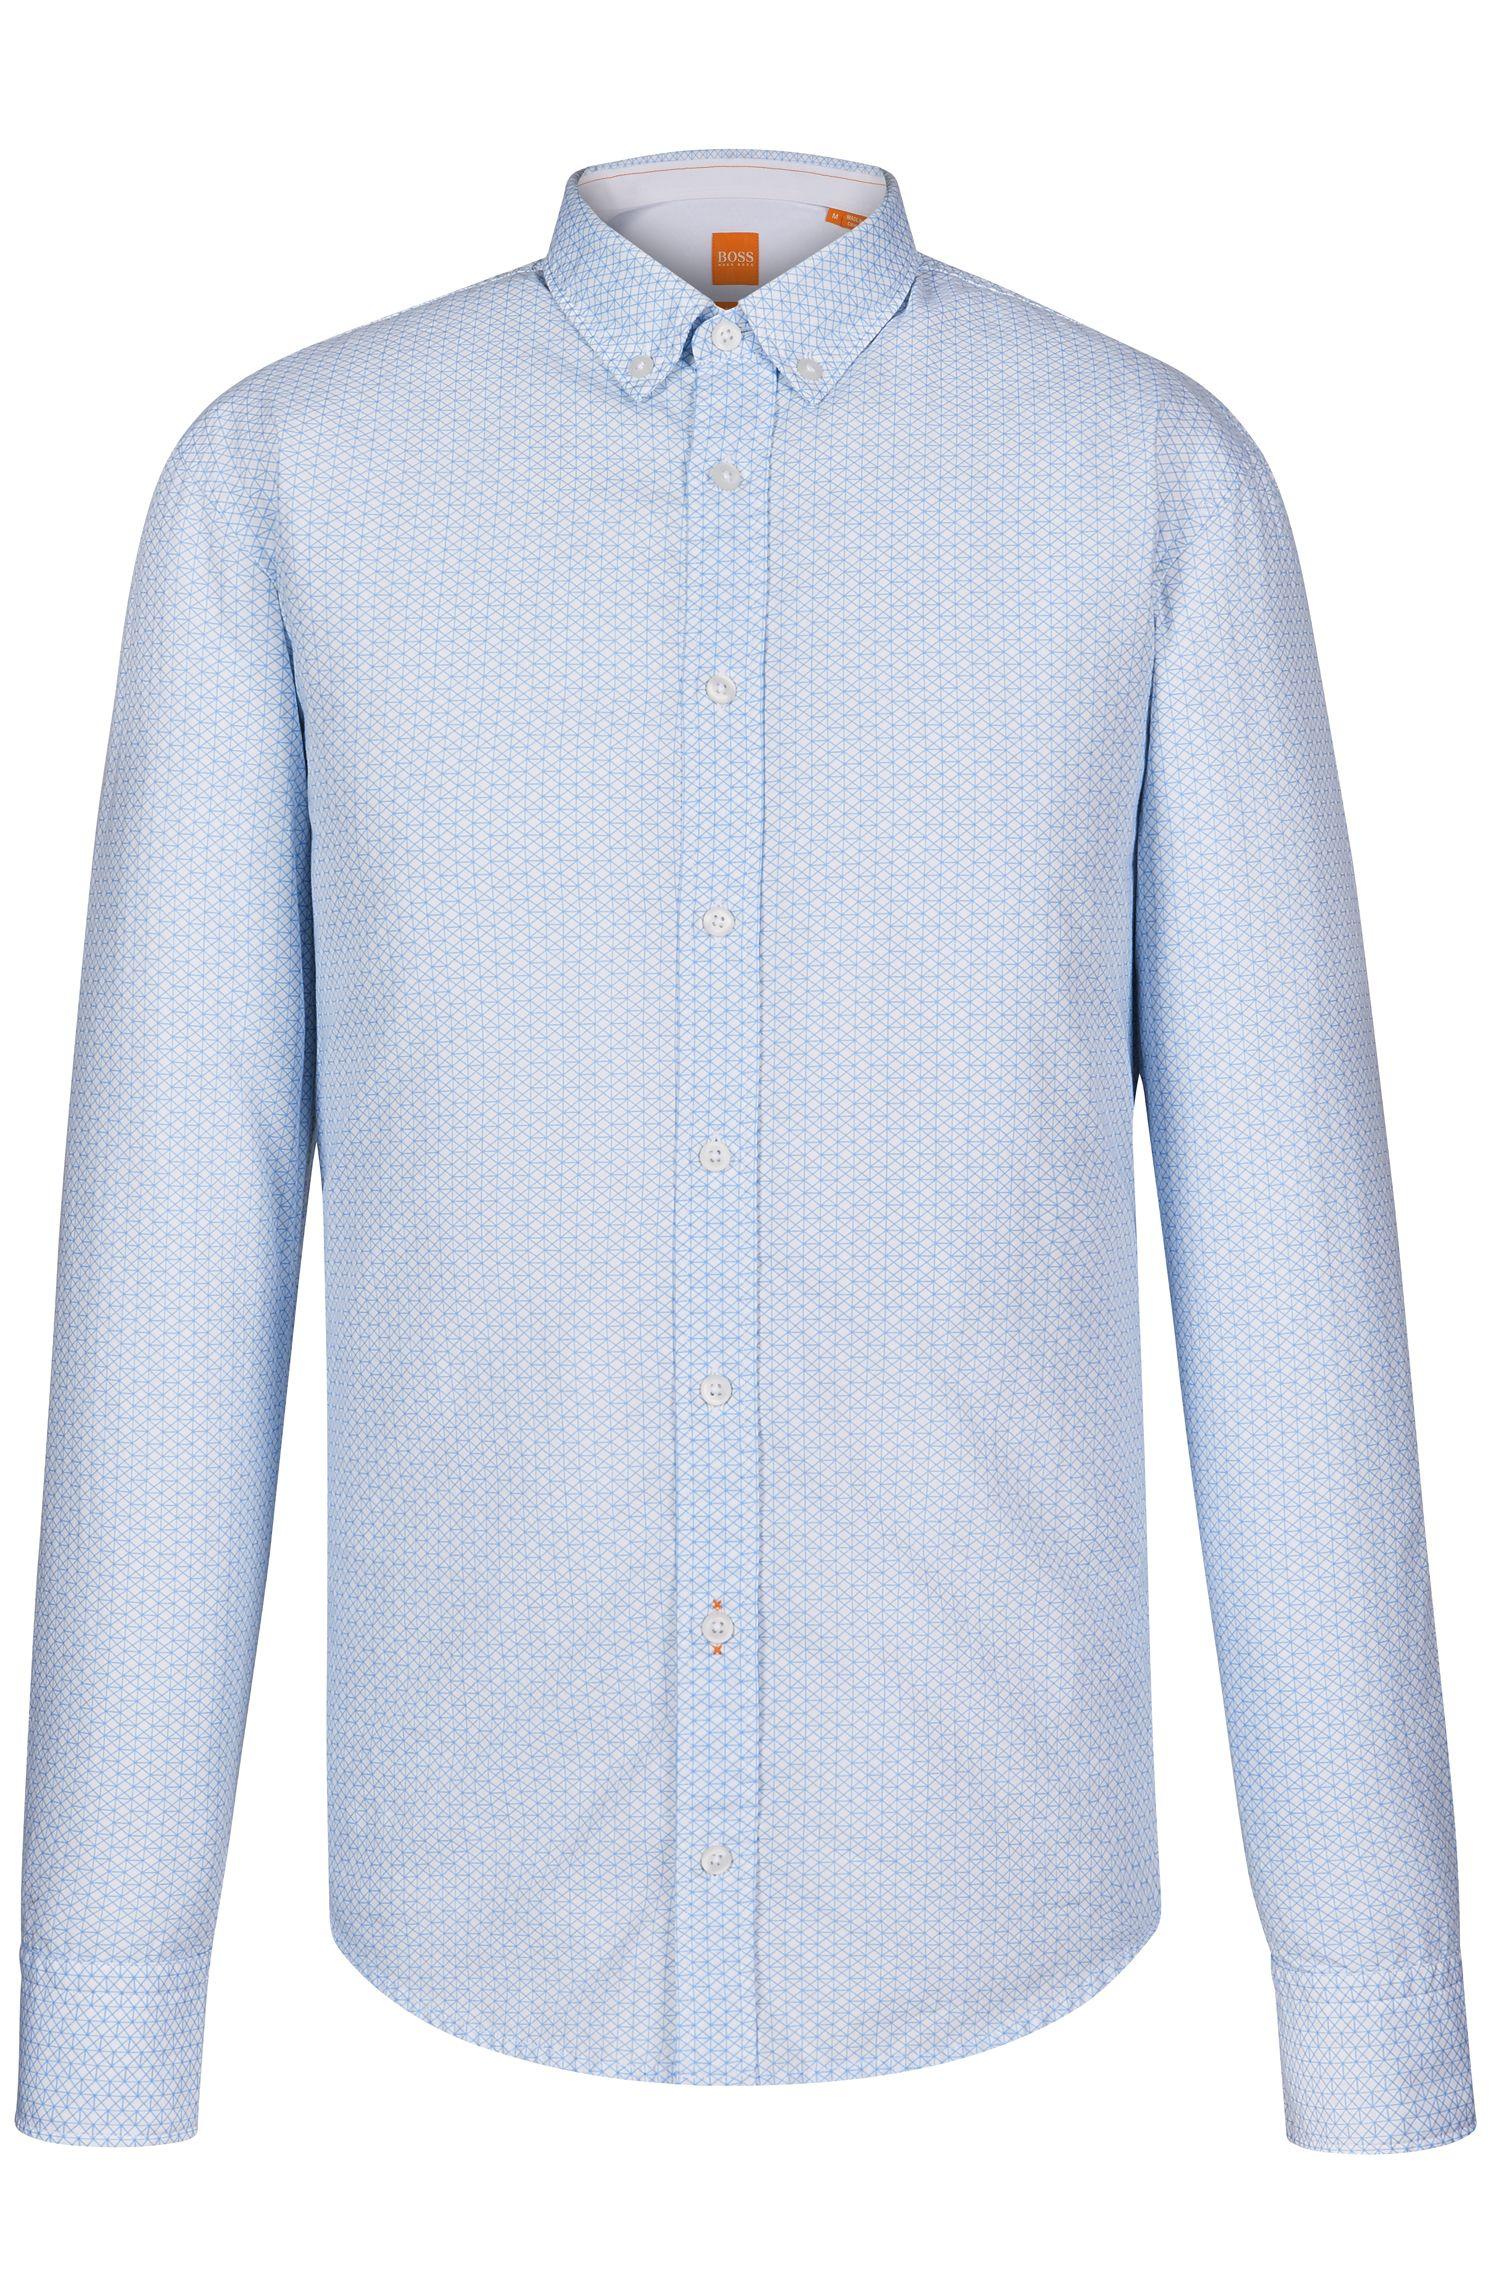 Cotton Button Down Shirt, Slim Fit | EdipoE